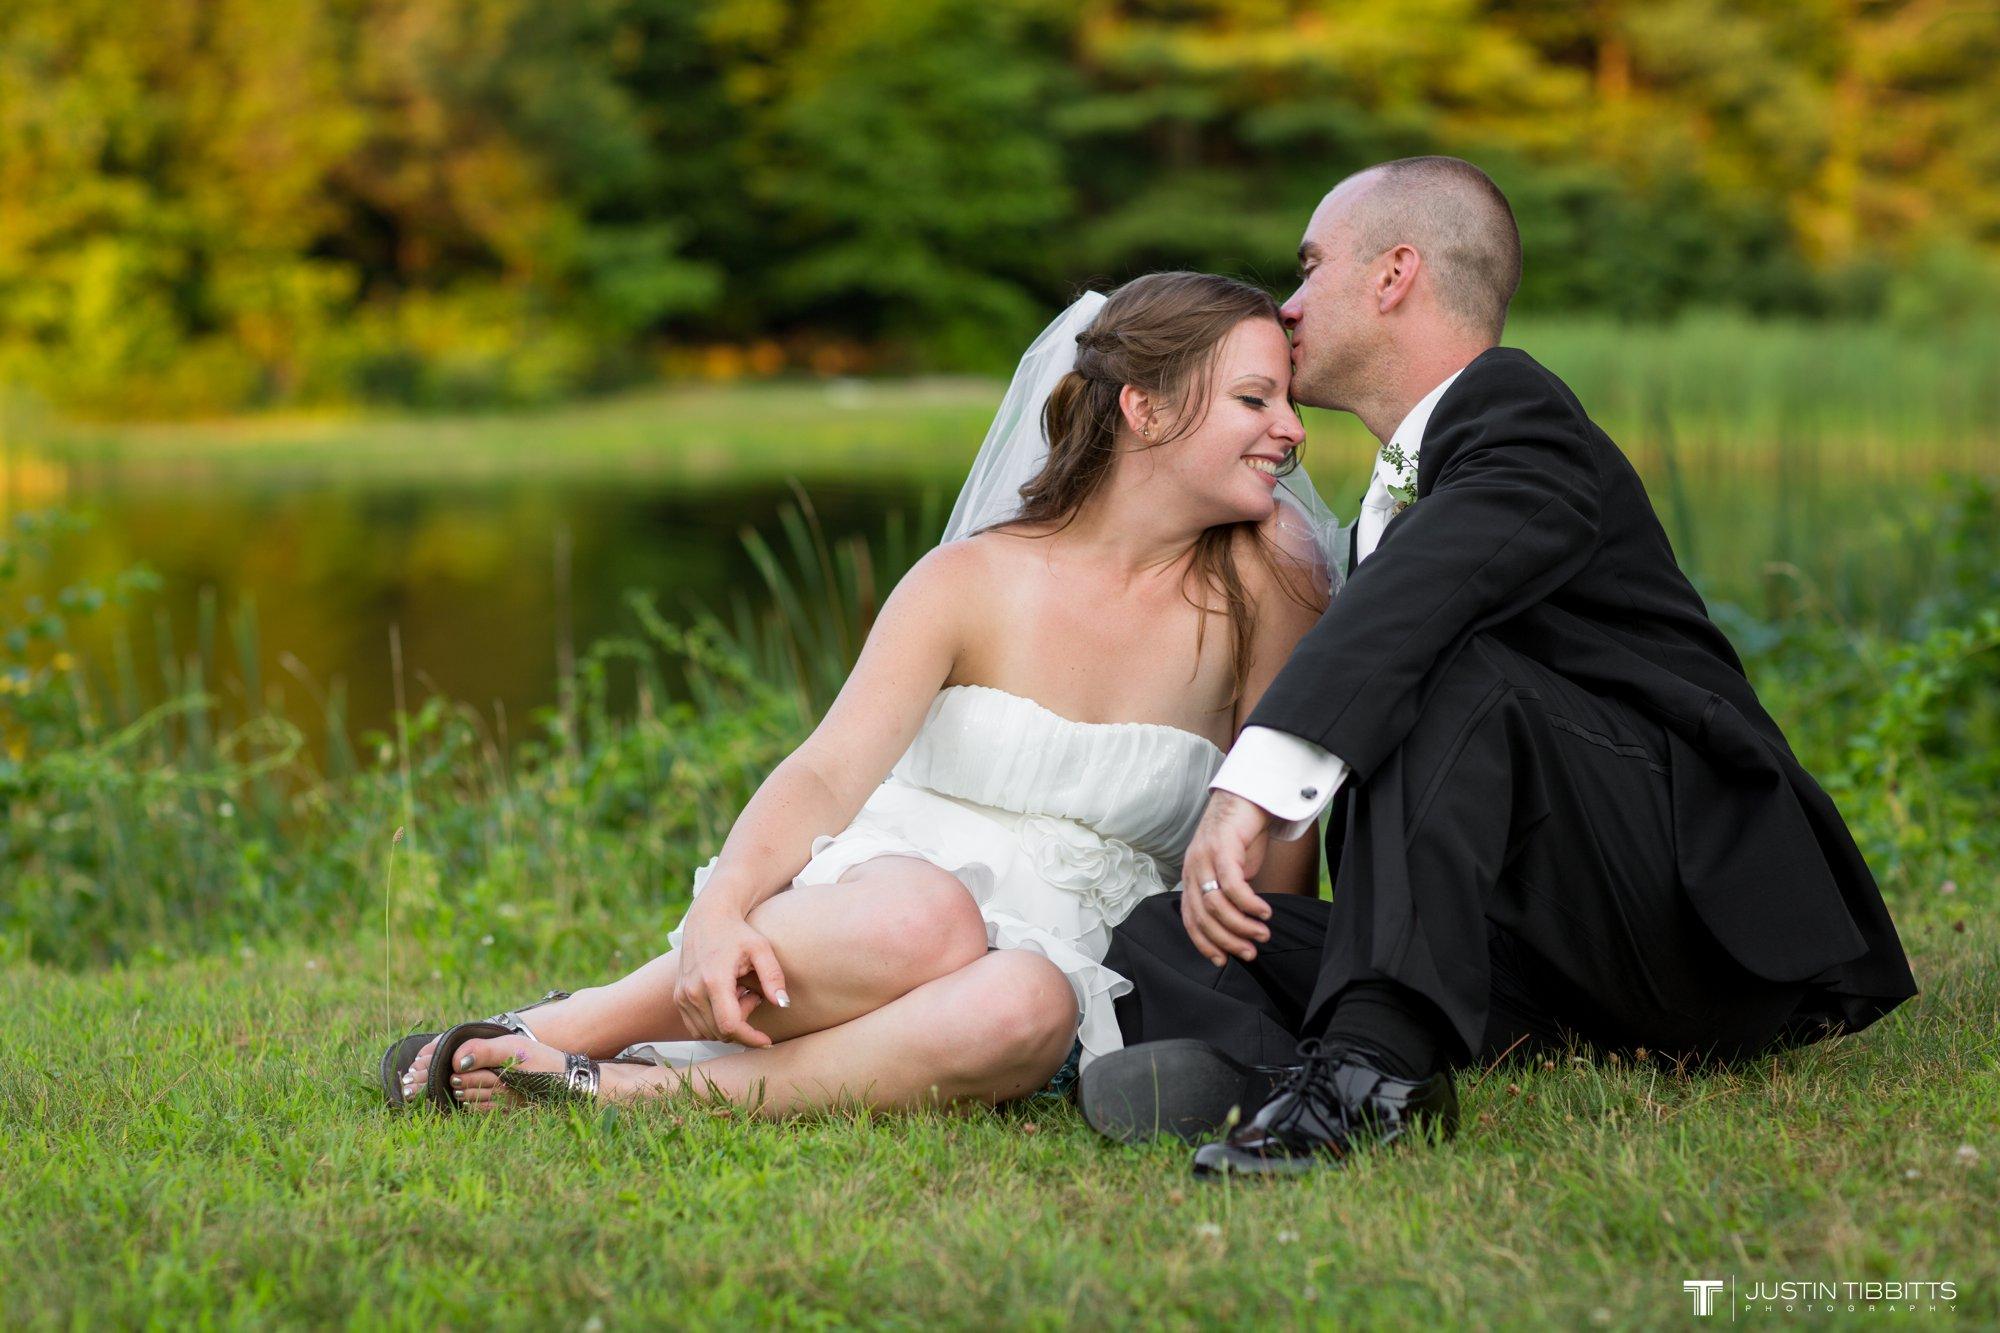 Albany NY Wedding Photographer Justin Tibbitts Photography 2014 Best of Albany NY Weddings-42713615